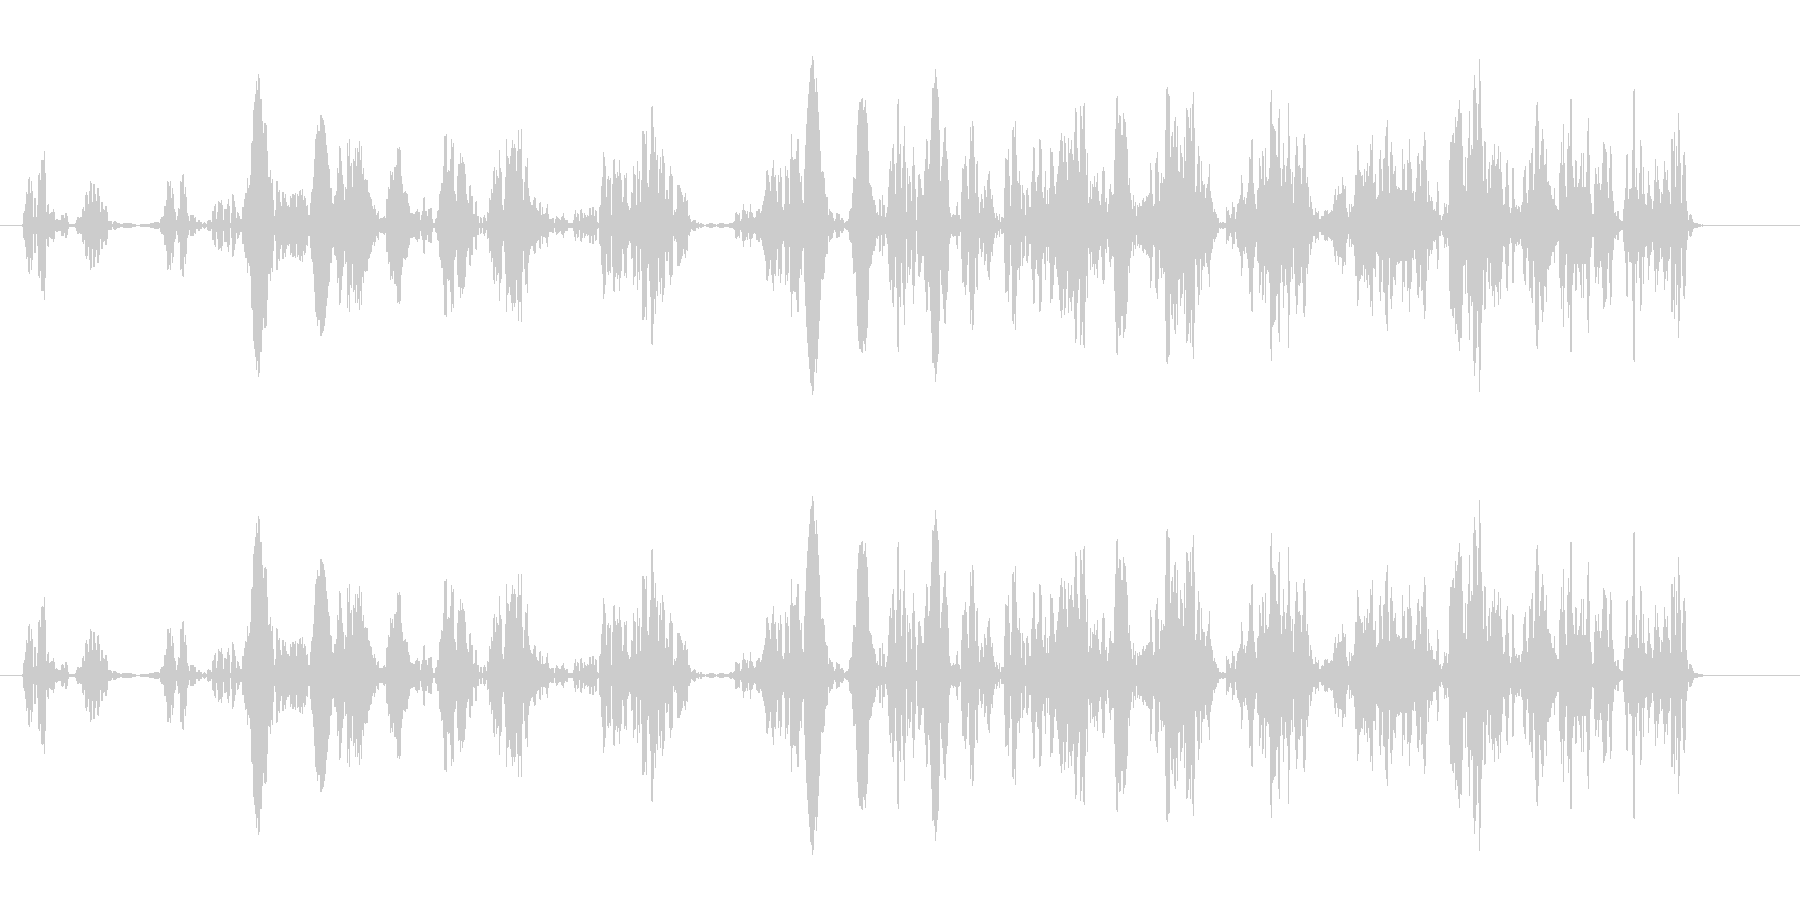 泡が湧き上る音(細かい、大量)の未再生の波形